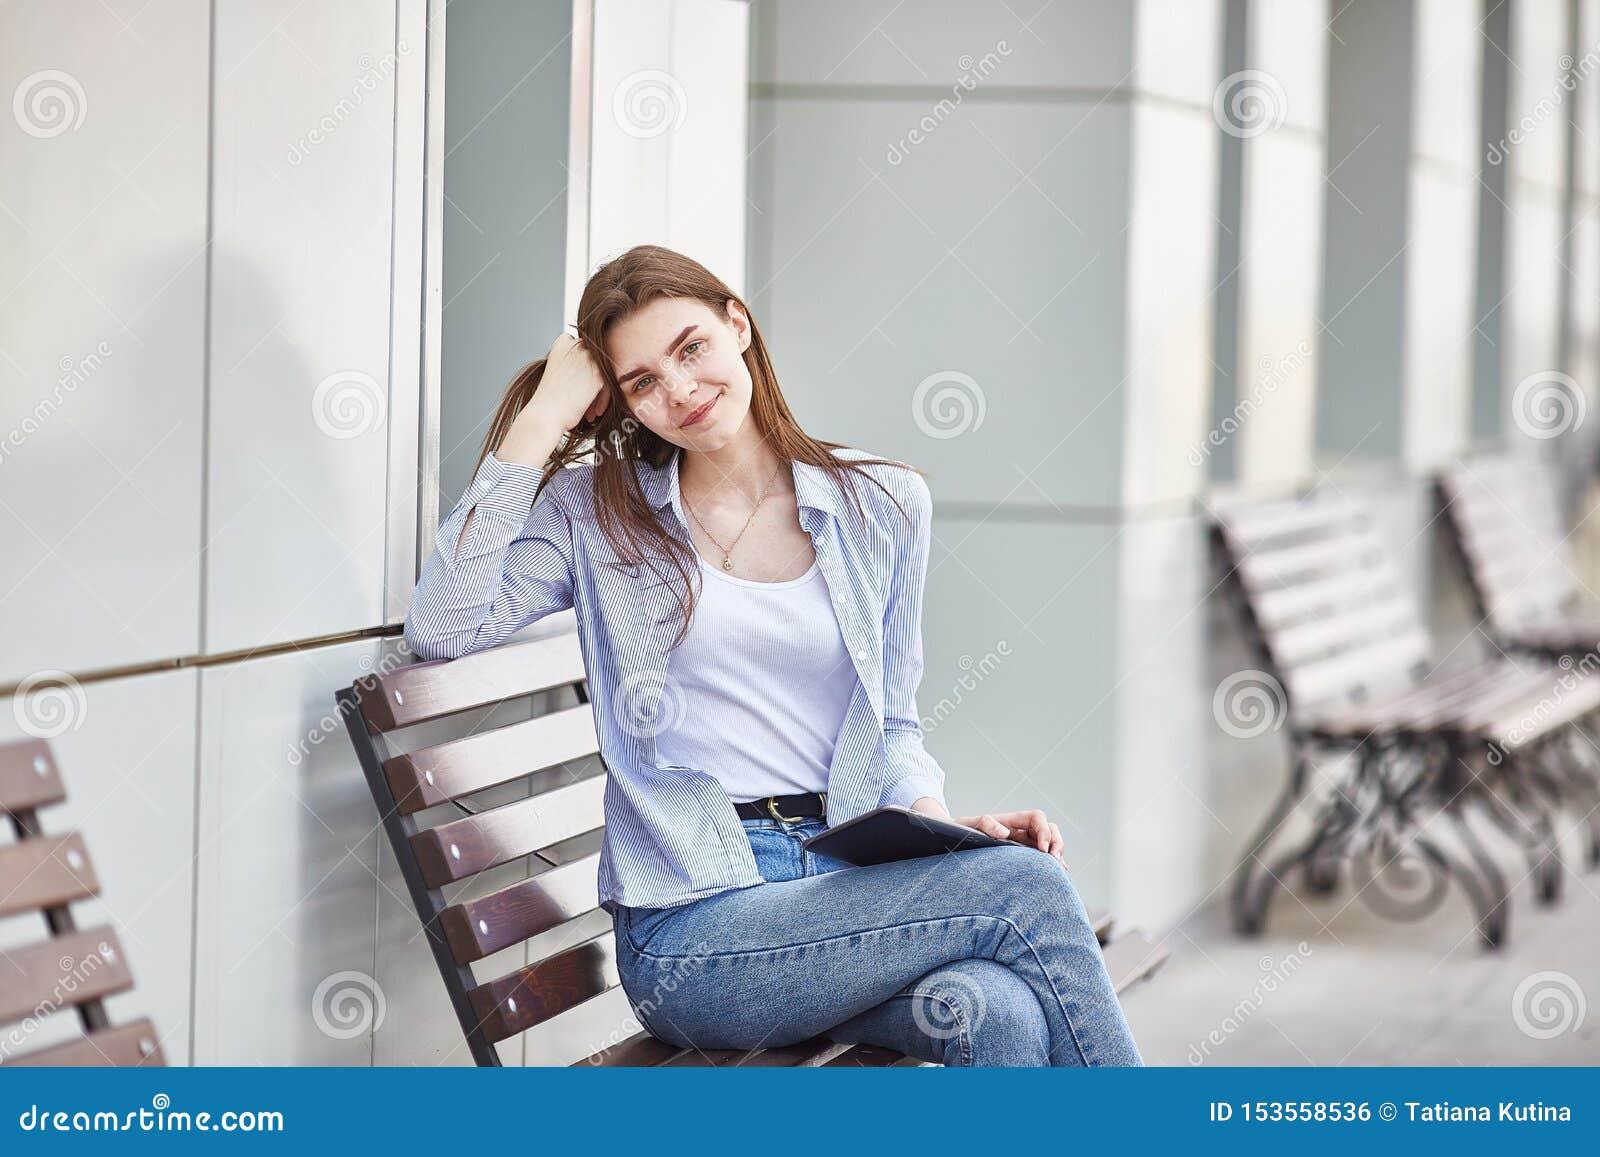 Een jong meisje zit op een bank met een tablet in haar handen en het glimlachen